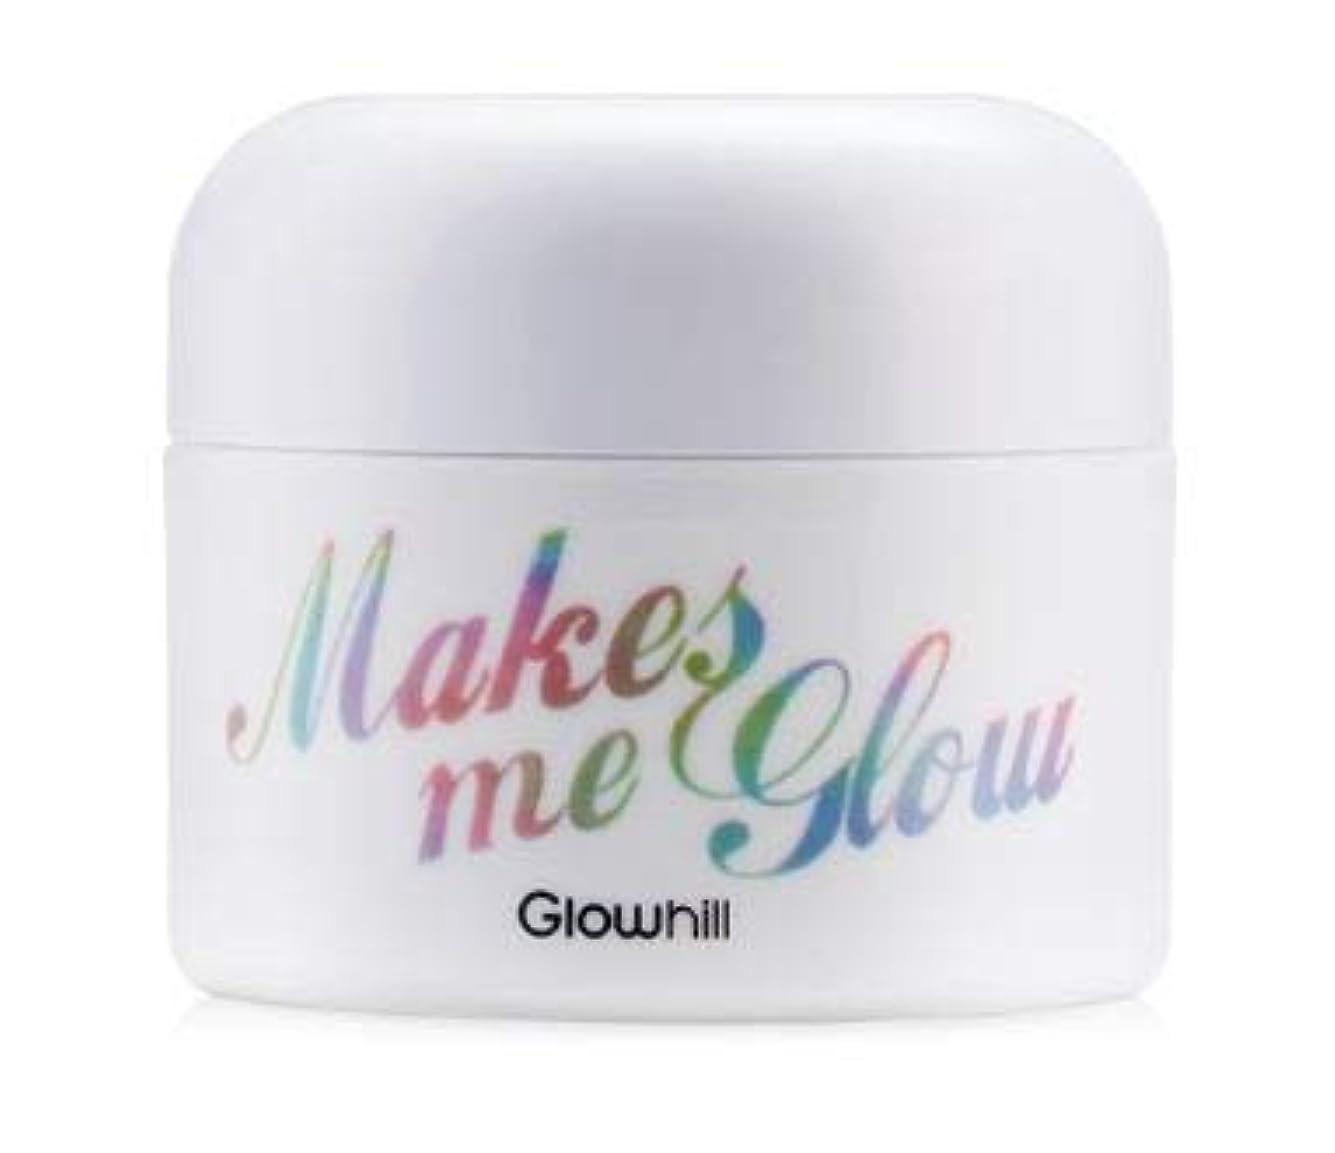 雇う小麦着服[Glowhill] Aurora Whitehole Glow Mask / [グローヒル] オーロラホワイトホールグローマスク [並行輸入品]